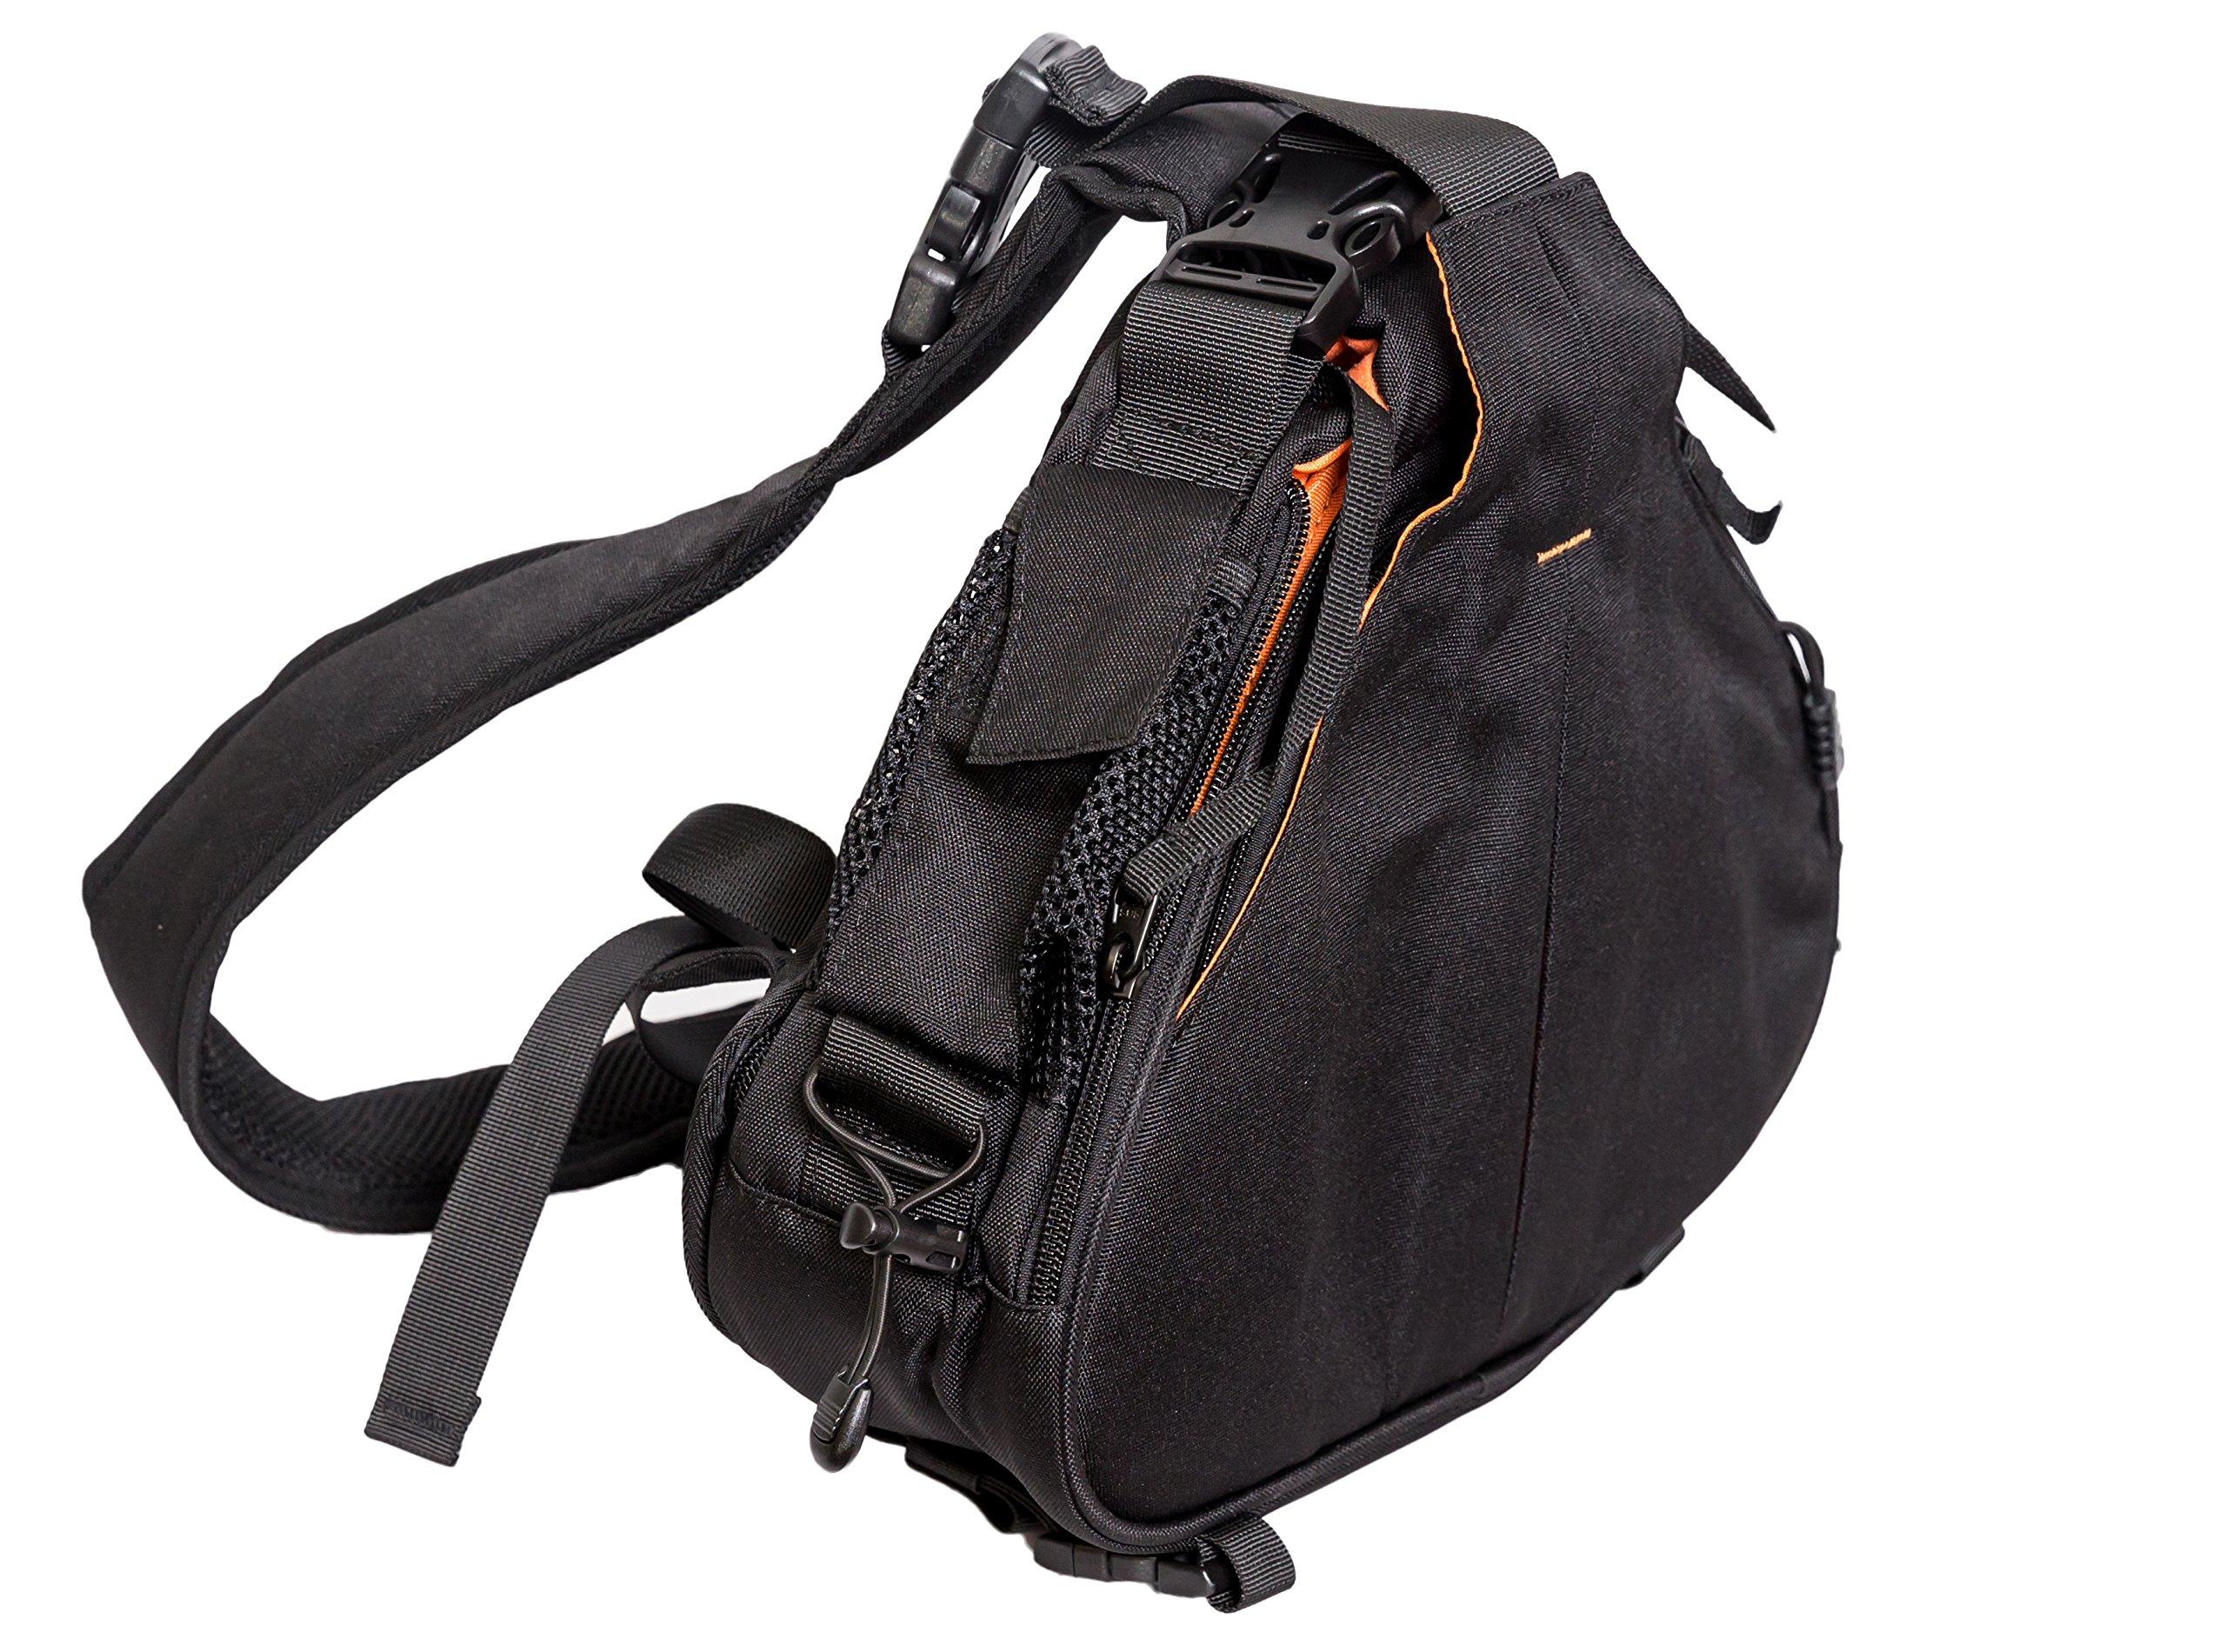 luxburg 高级防震防水 SLR / DSLR 专业单肩包–黑色